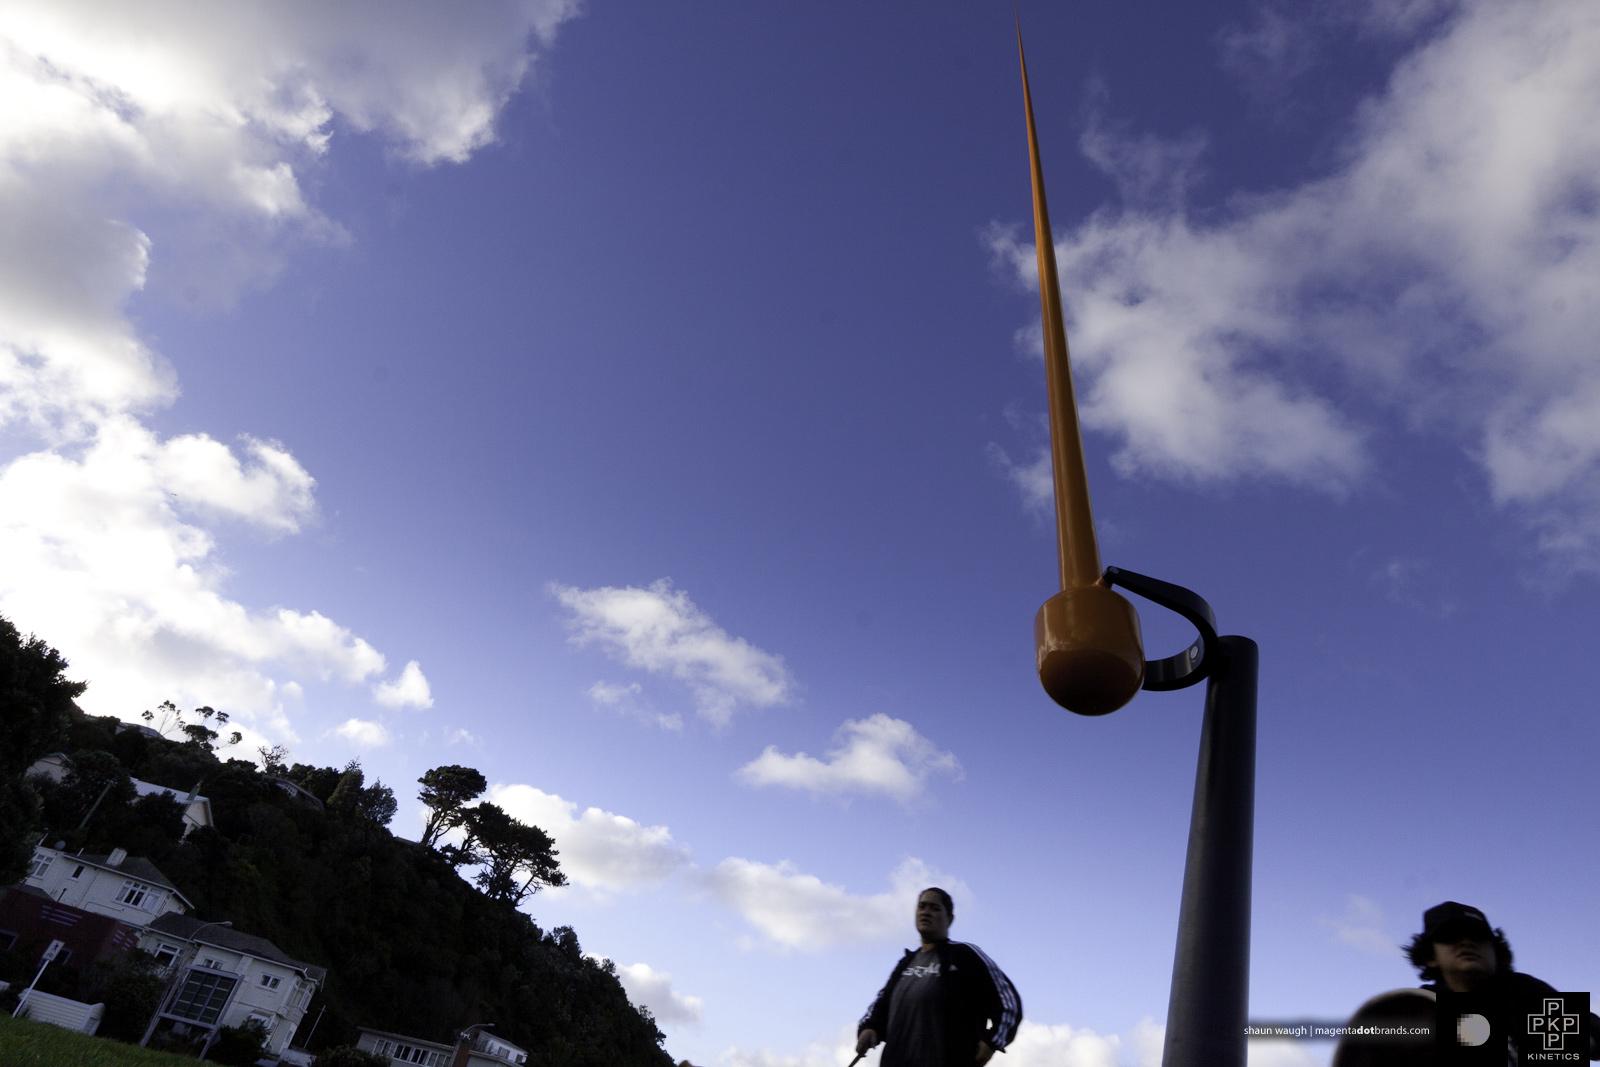 Zephyrometer. Kinetic sculpture by Phil Price.